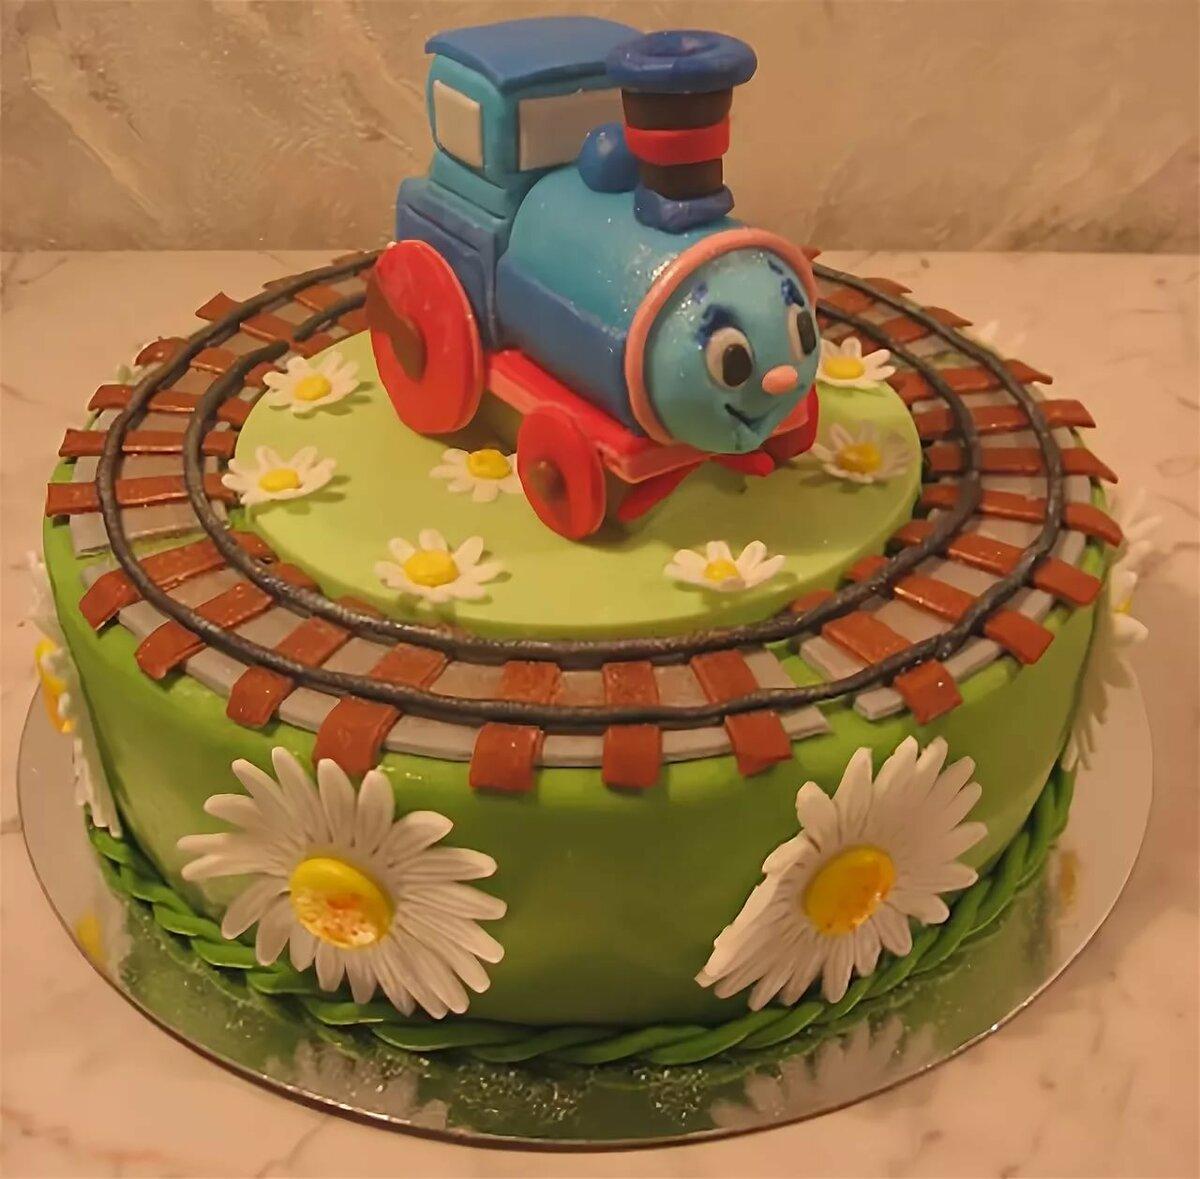 анализа занимает торт в виде паровозика фото это период